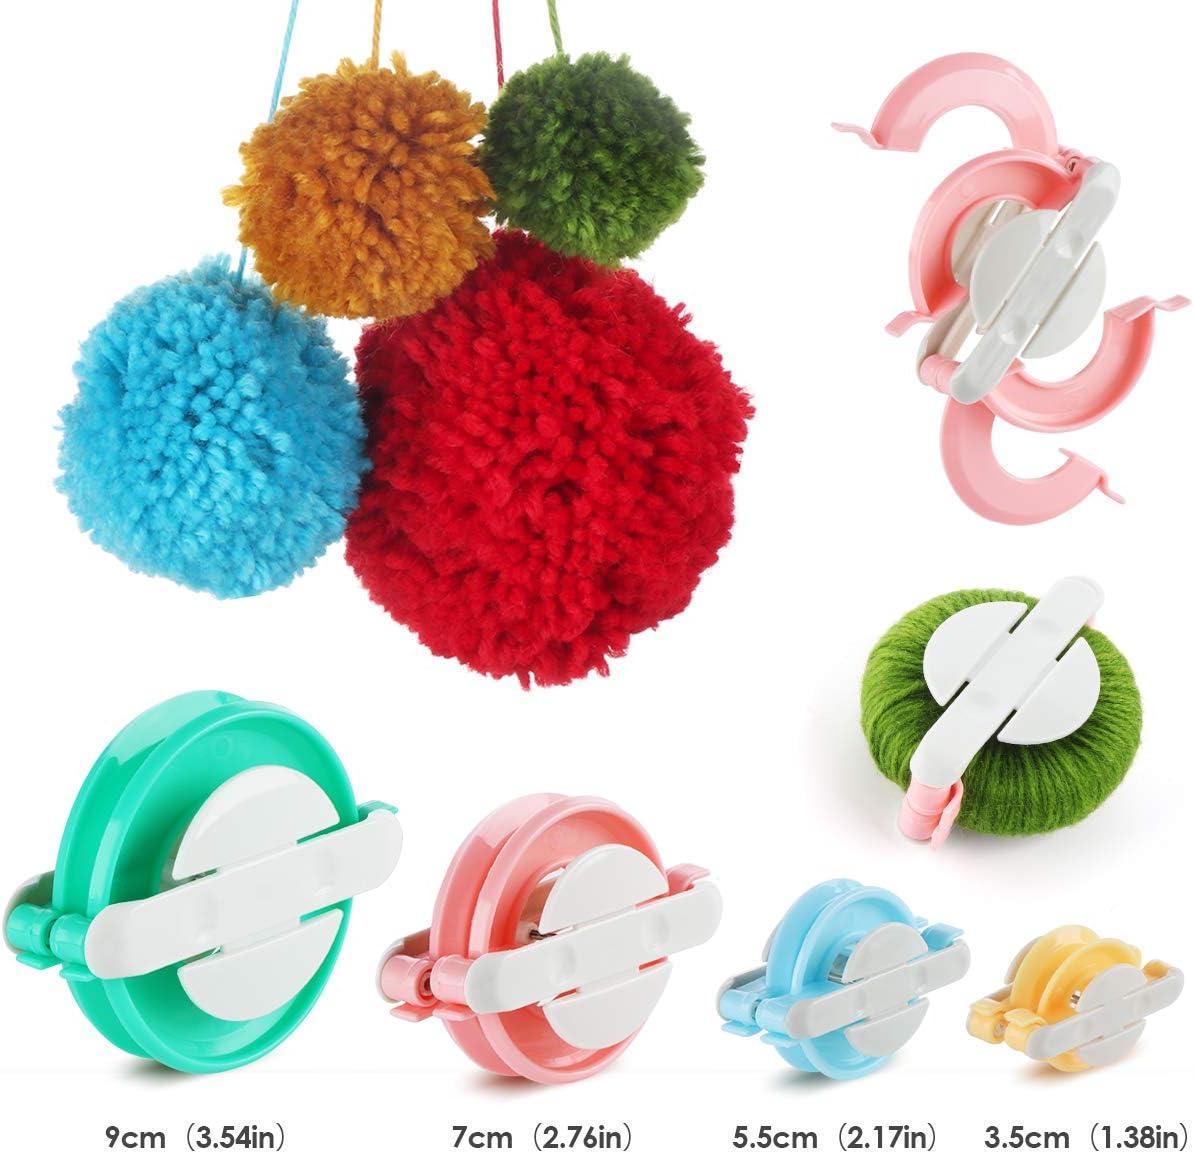 Homewit Gomitoli di Lana Telaio per Realizzare Pompon in 4 Misure Diverse per Fluff Balls 12 Colori*50g Premium Cotone Acrilica Filato e 2 uncinetti Knitting Projects